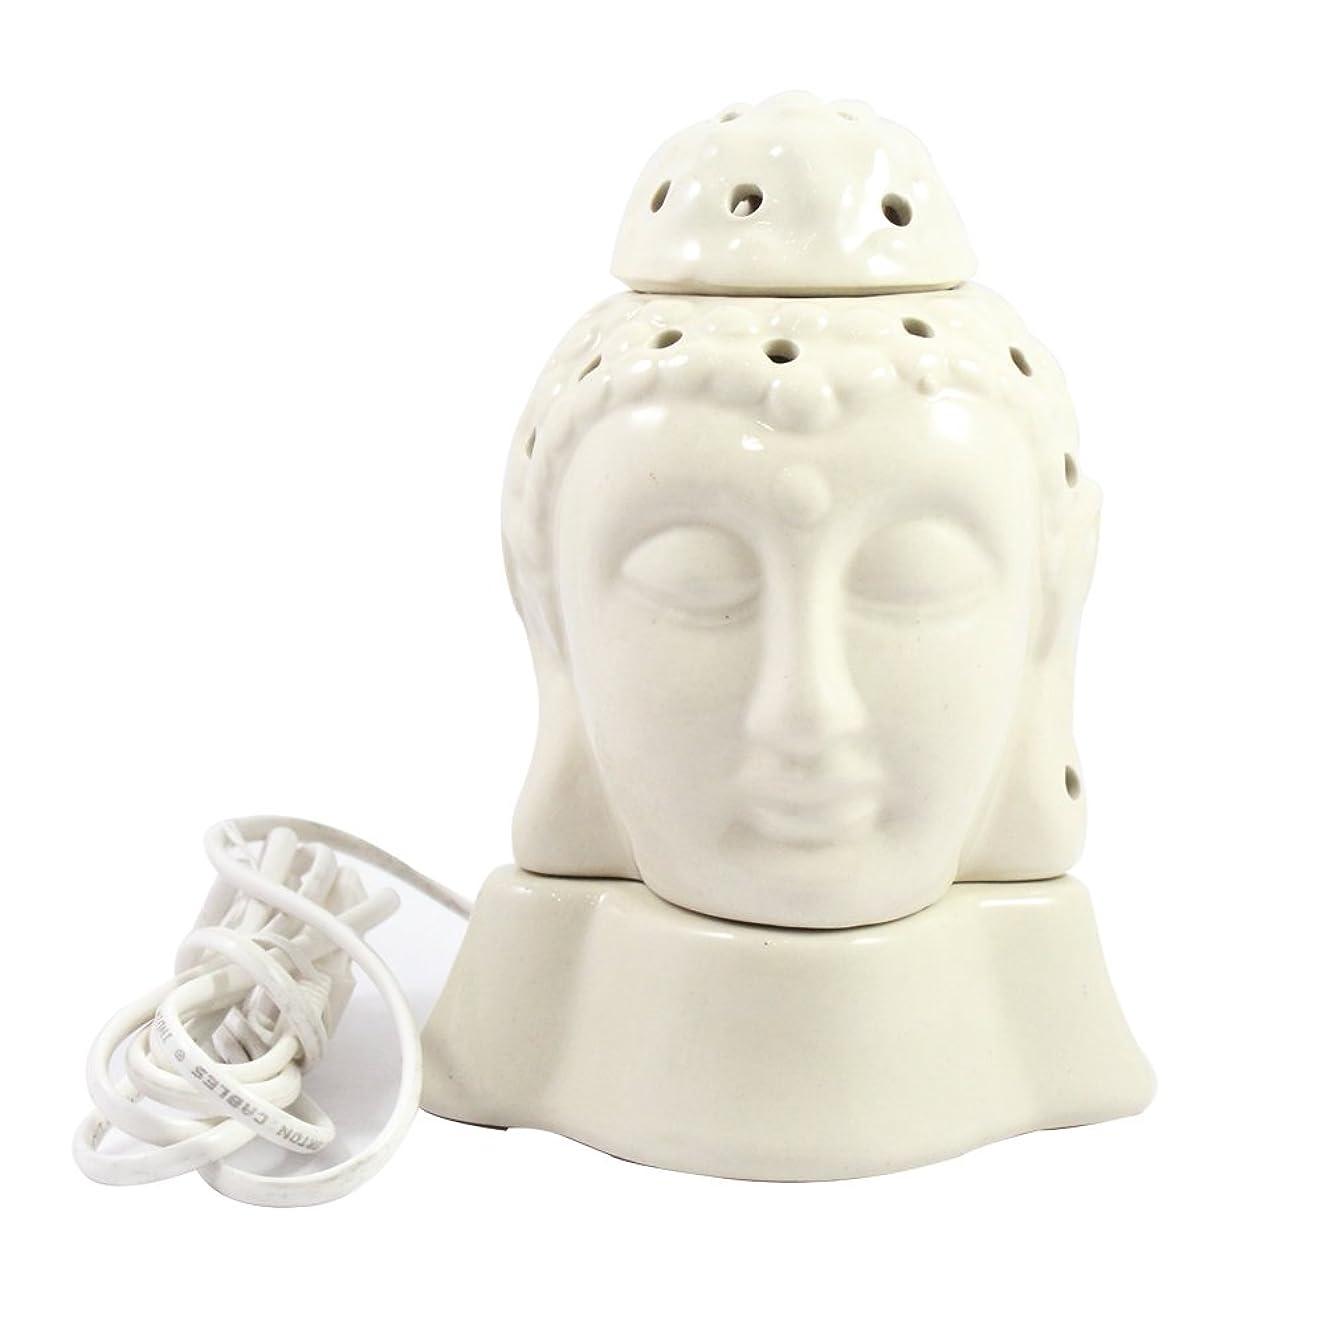 傷つきやすいリベラル賭けGautama Buddha電気アロマオイルバーナー&ティーライトランプ/良質ホワイトカラー数量1 /汚染無料手作りセラミック主仏電気T - ライトランプ&香油ディフューザー